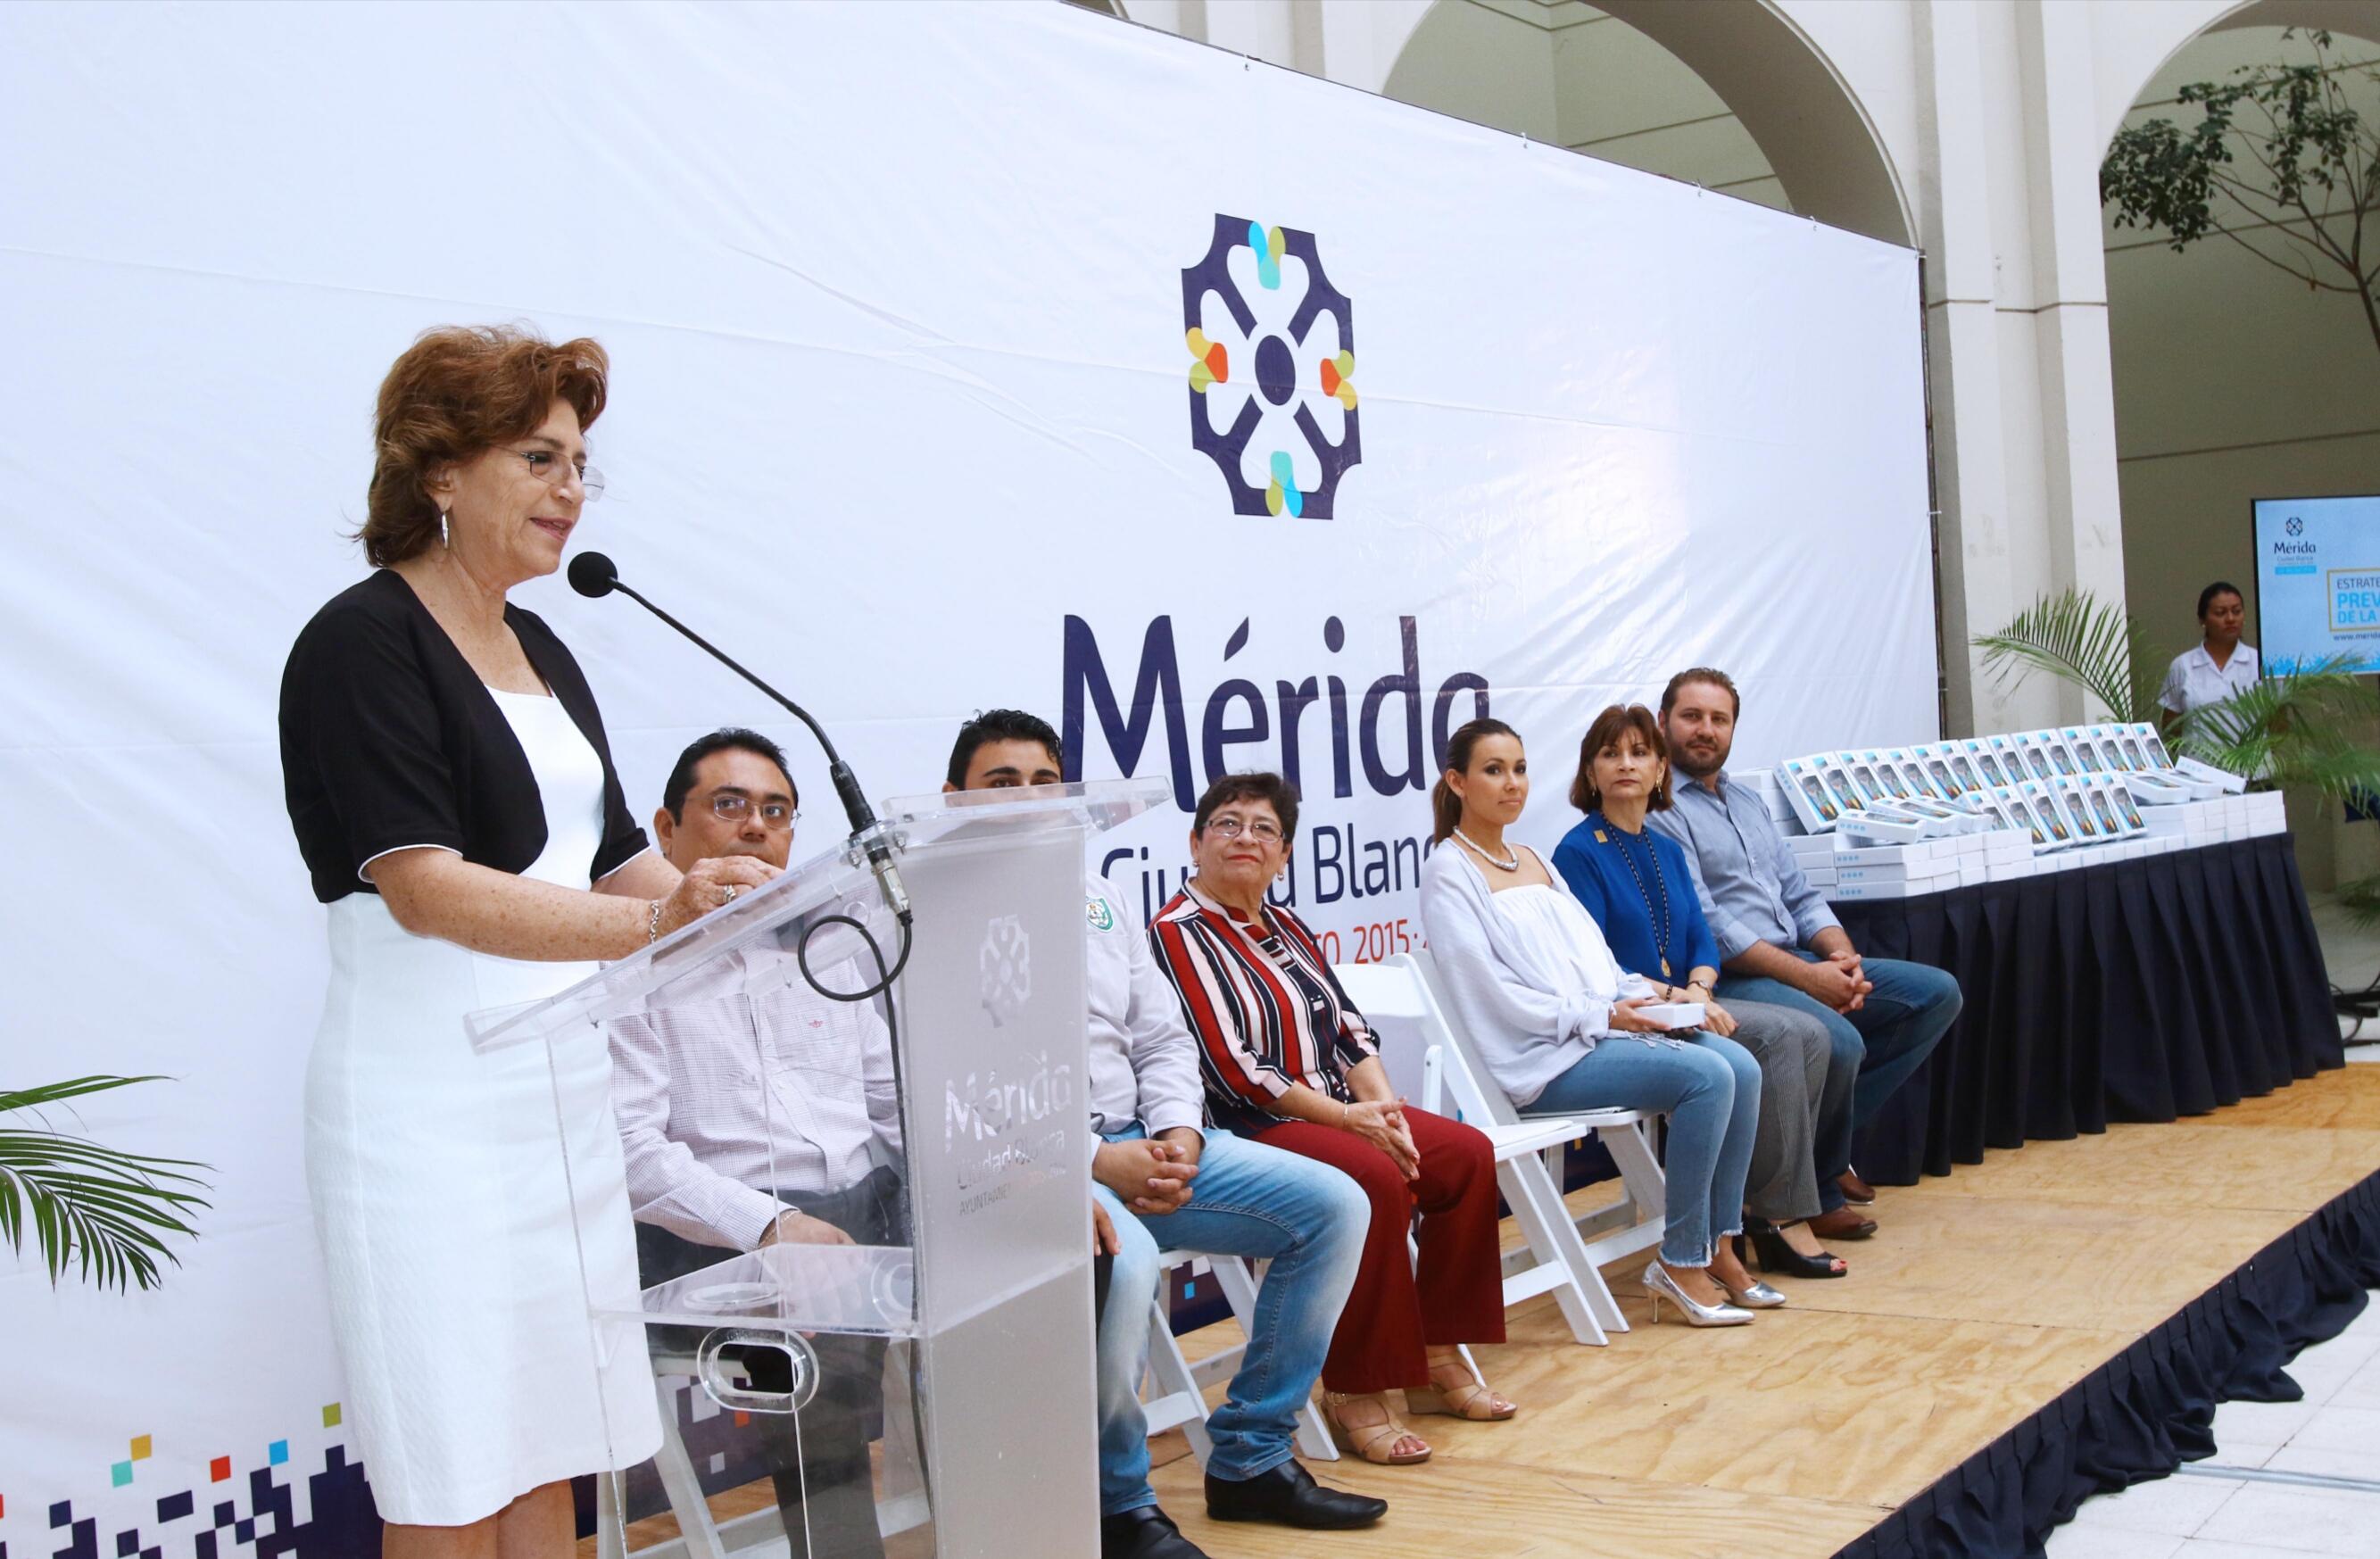 Extienden prevención de obesidad en municipio de Mérida